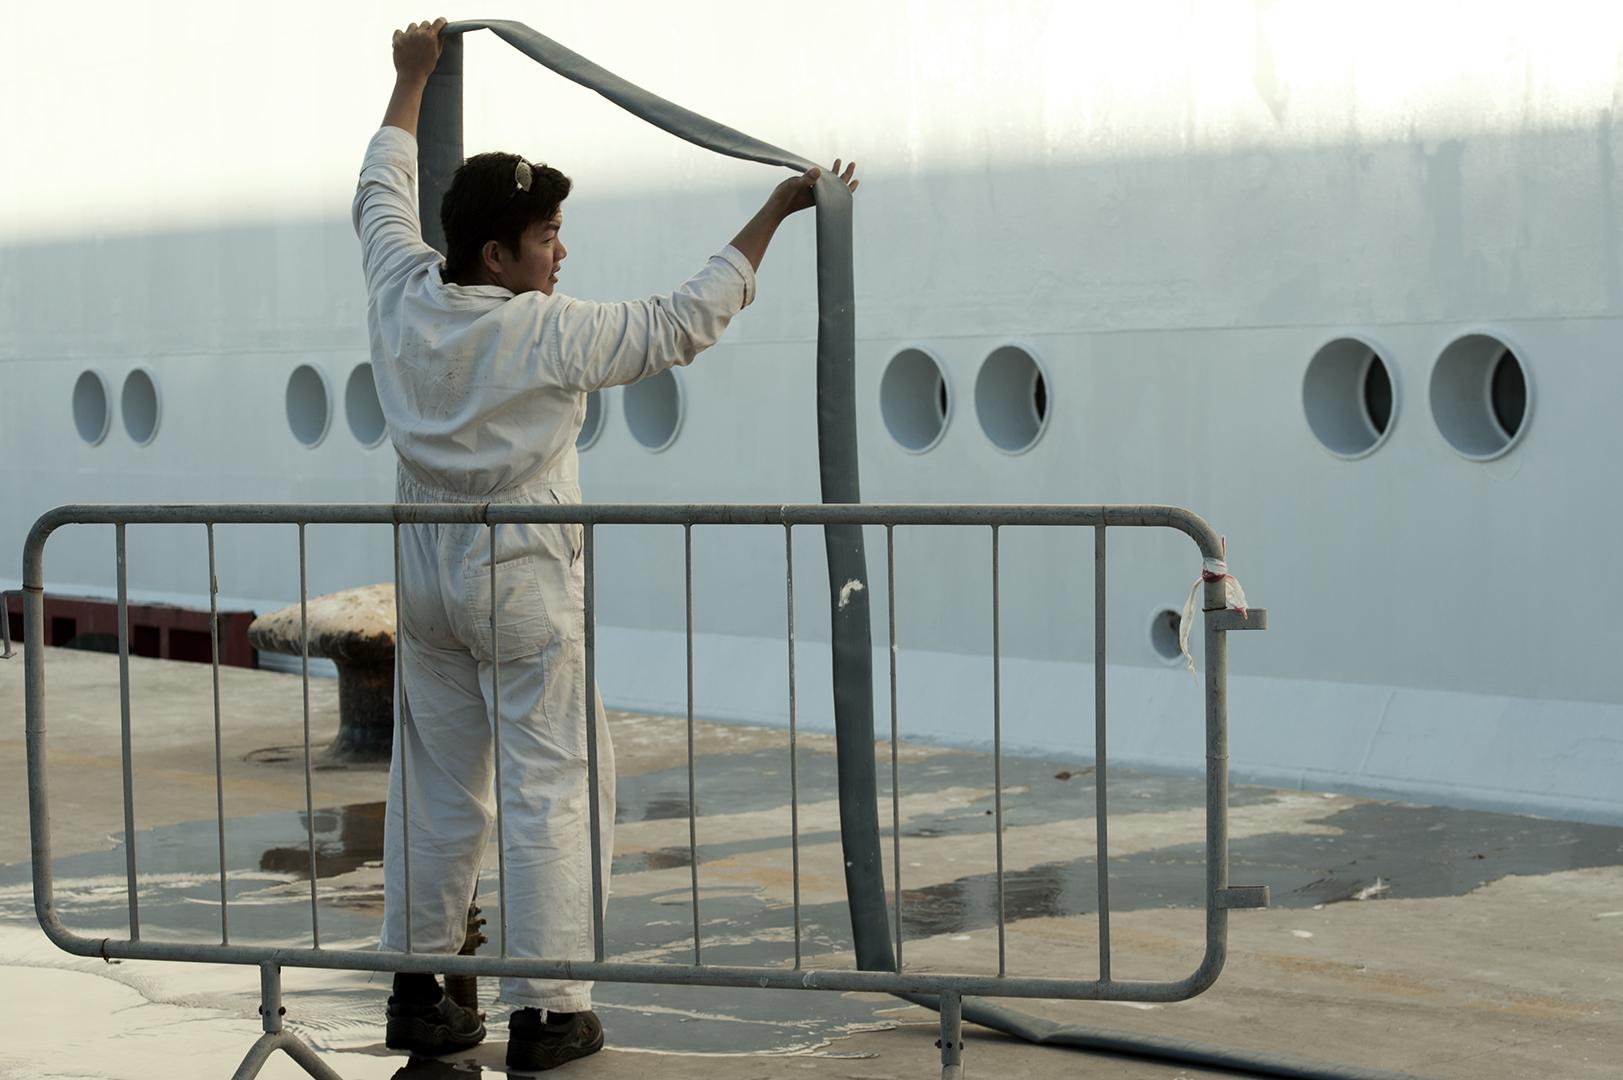 In una nave da crociera vengono caricate più di 300 tonnellate di acqua, ciò corrisponde al fabbisogno di oltre 600 famiglie. Porto di Civitavecchia, 2014. (Patrizia Pace)